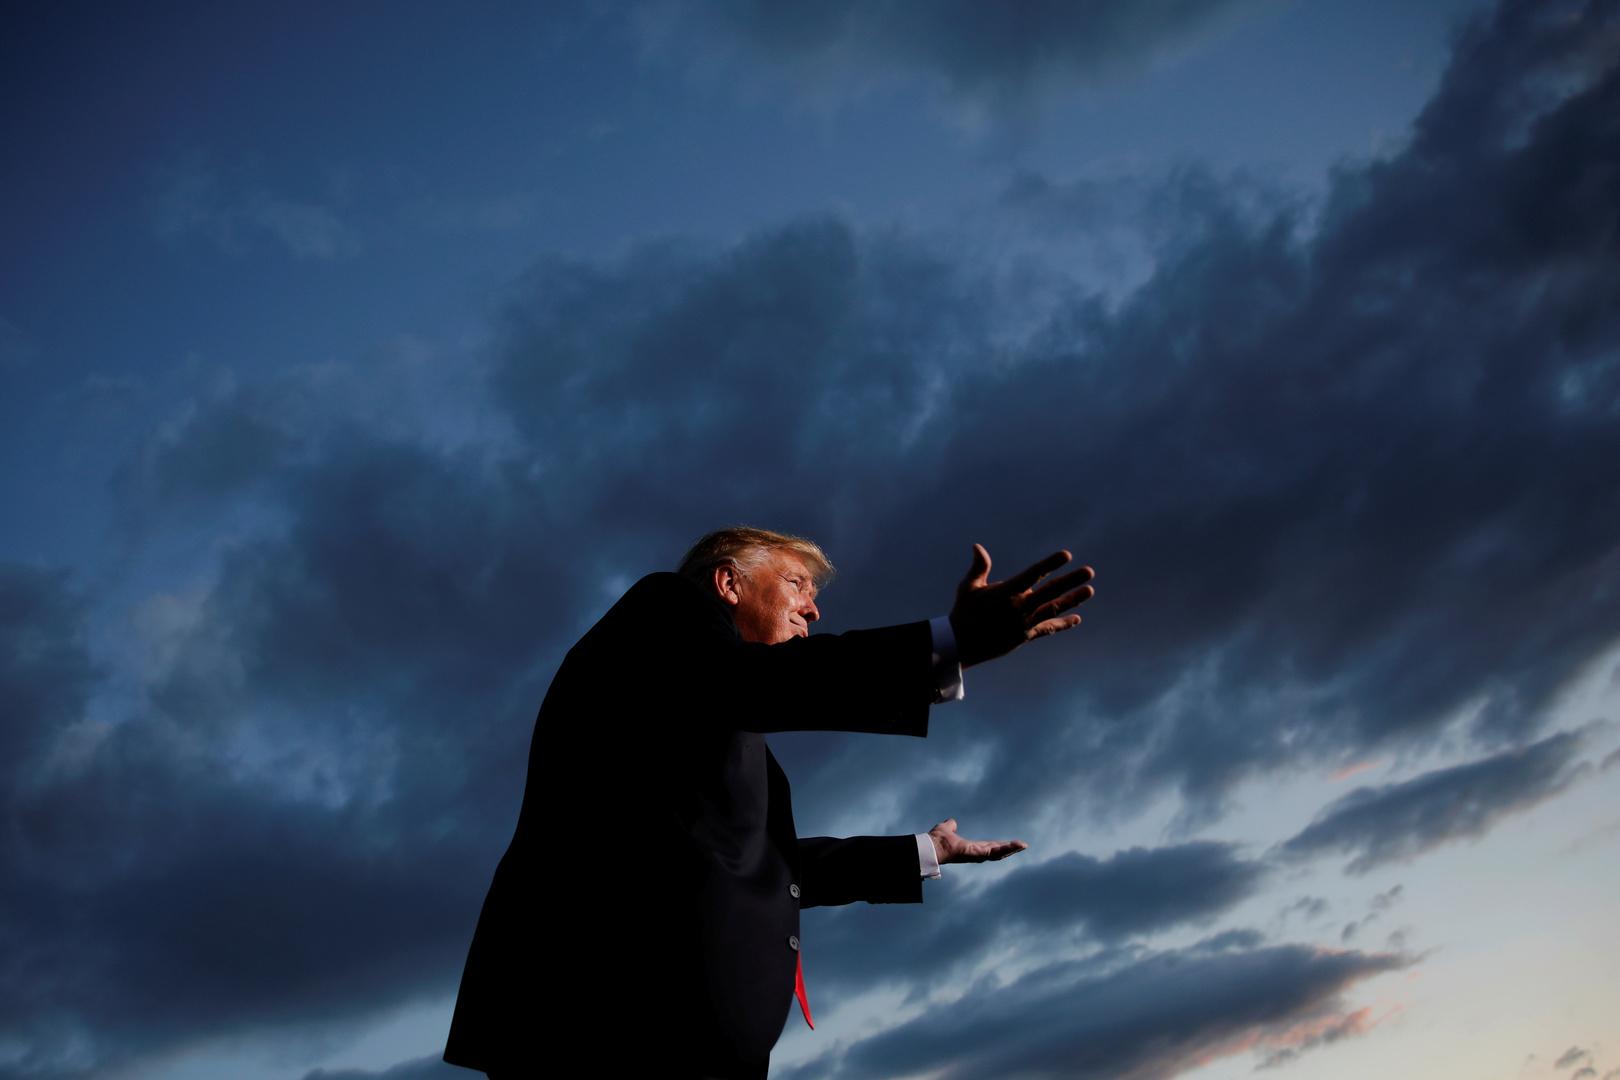 ترامب: شكرا لإيران ودعونا نبرم صفقة كبرى قبل الانتخابات!